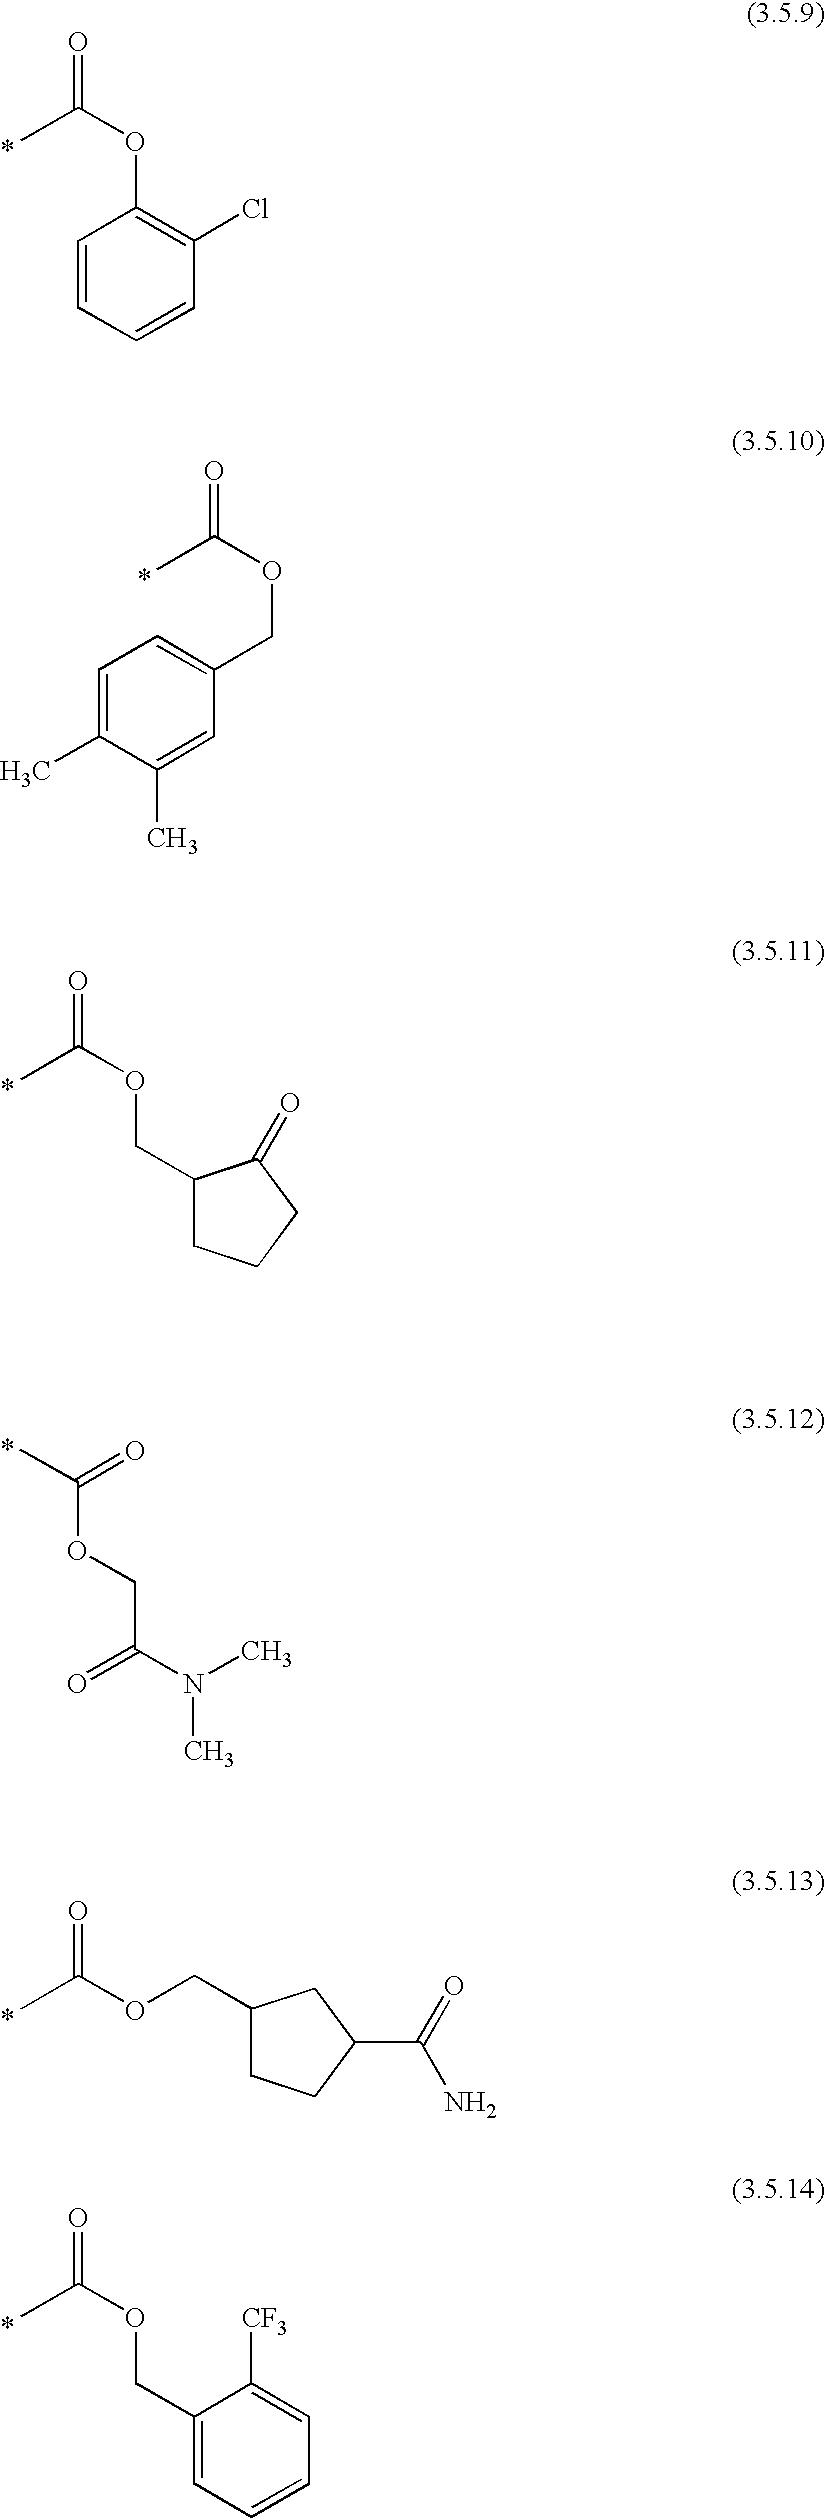 Figure US20030186974A1-20031002-C00144